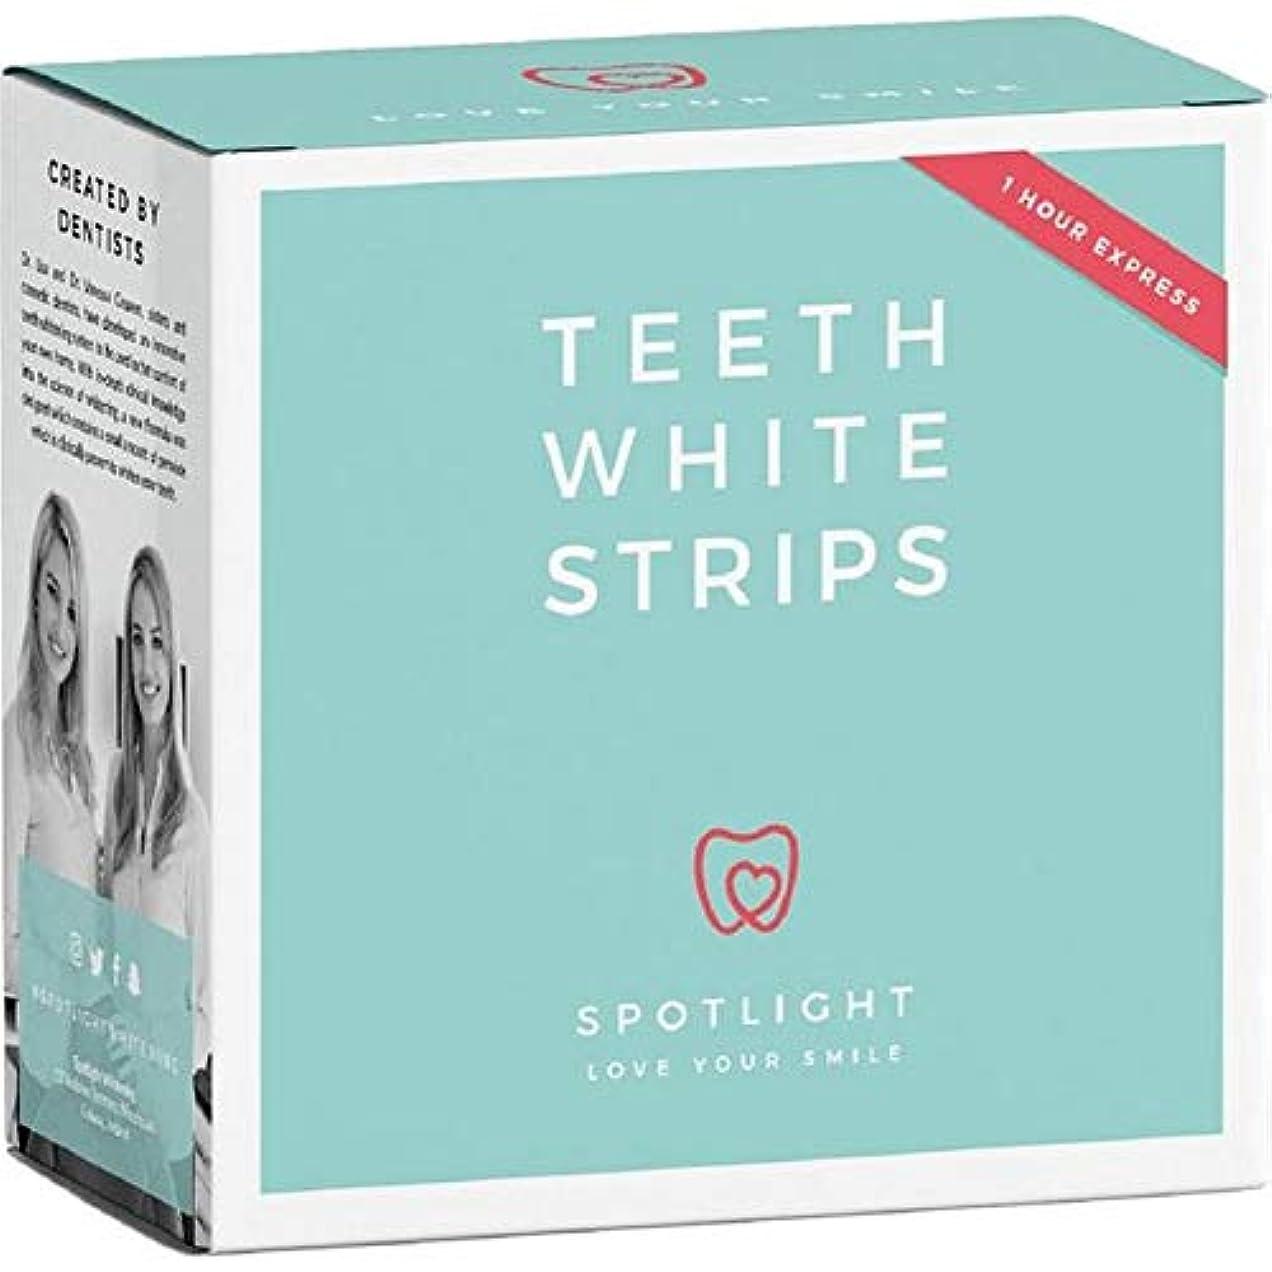 形成優雅なはぁ[Spotlight Teeth Whitening ] スポットライトホワイトニング歯ホワイトストリップ - Spotlight Whitening Teeth White Strips [並行輸入品]